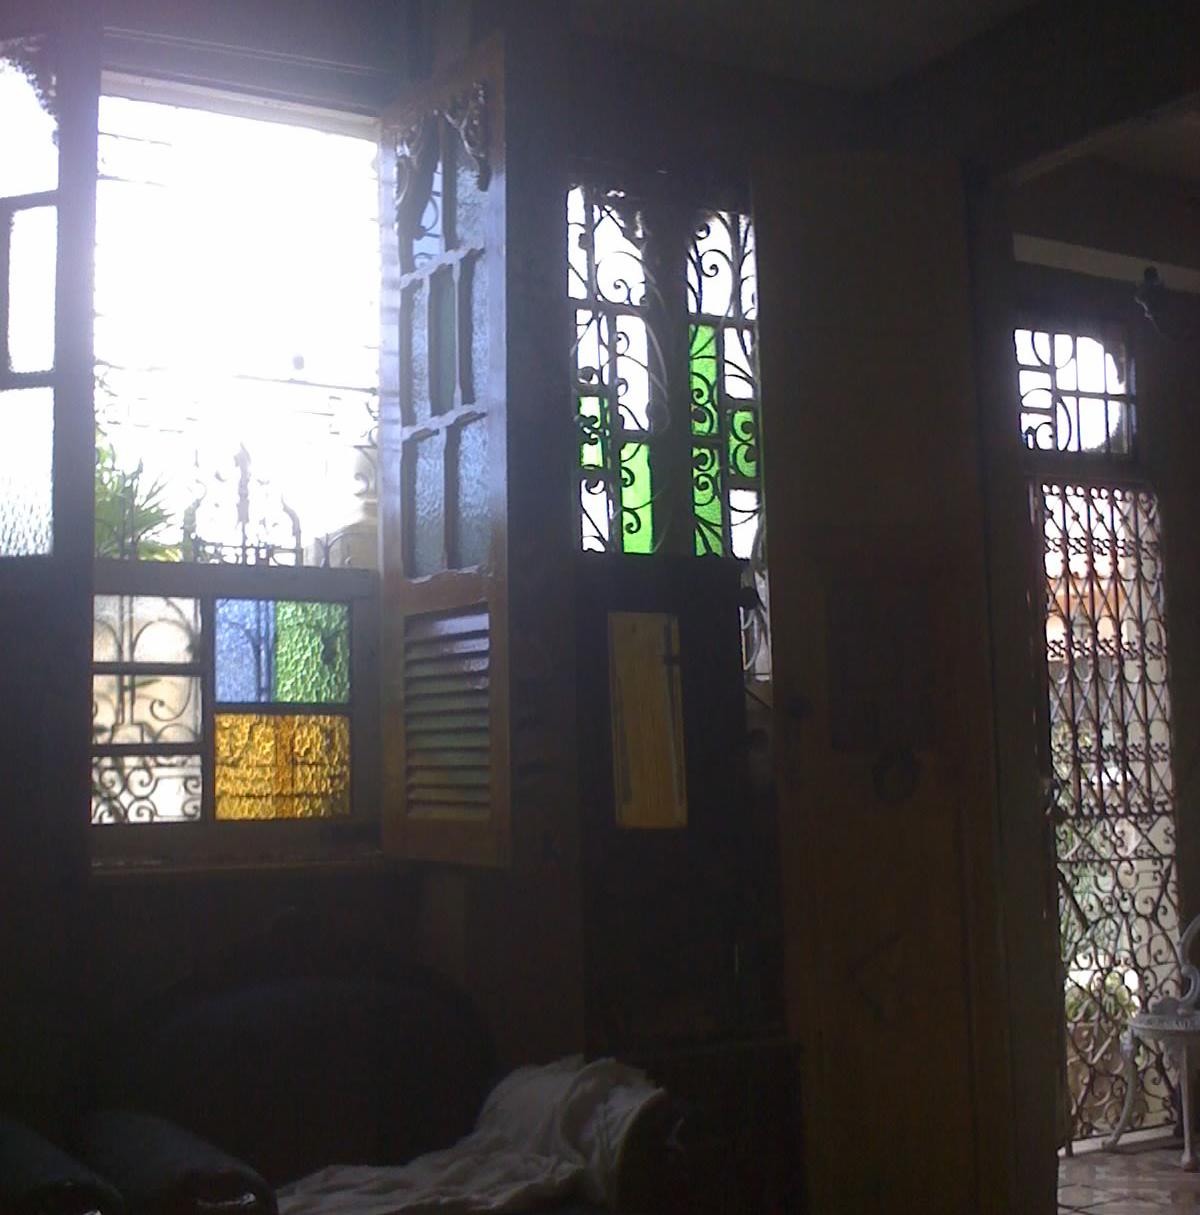 #335198 gosto imensamente de vidros antigos em janelas bandeiras de janelas e  1454 Substituir Vidros Janelas